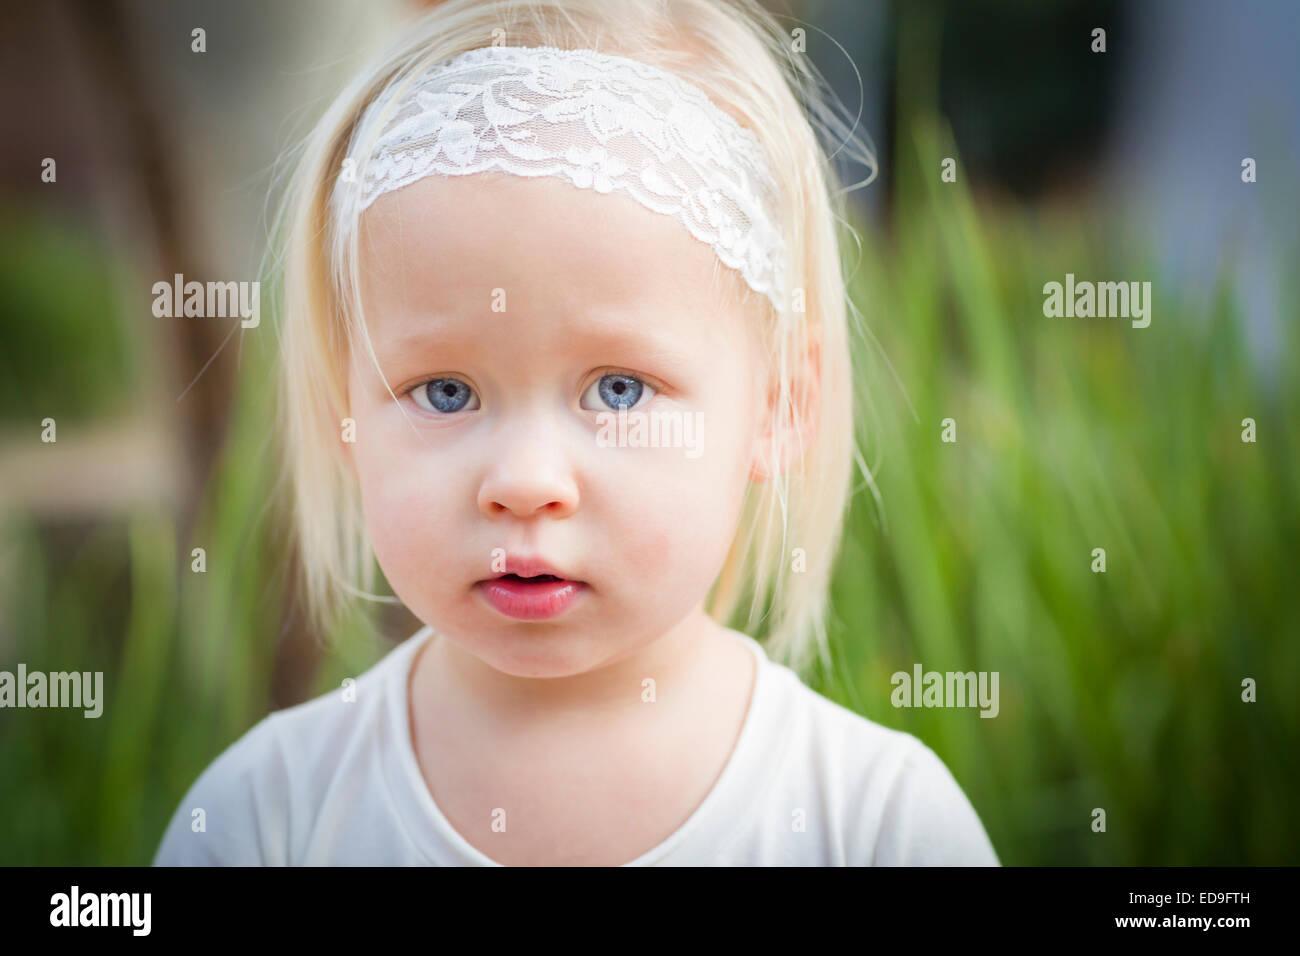 Entzückende kleine Mädchen mit blauen Augen Portrait außerhalb. Stockbild